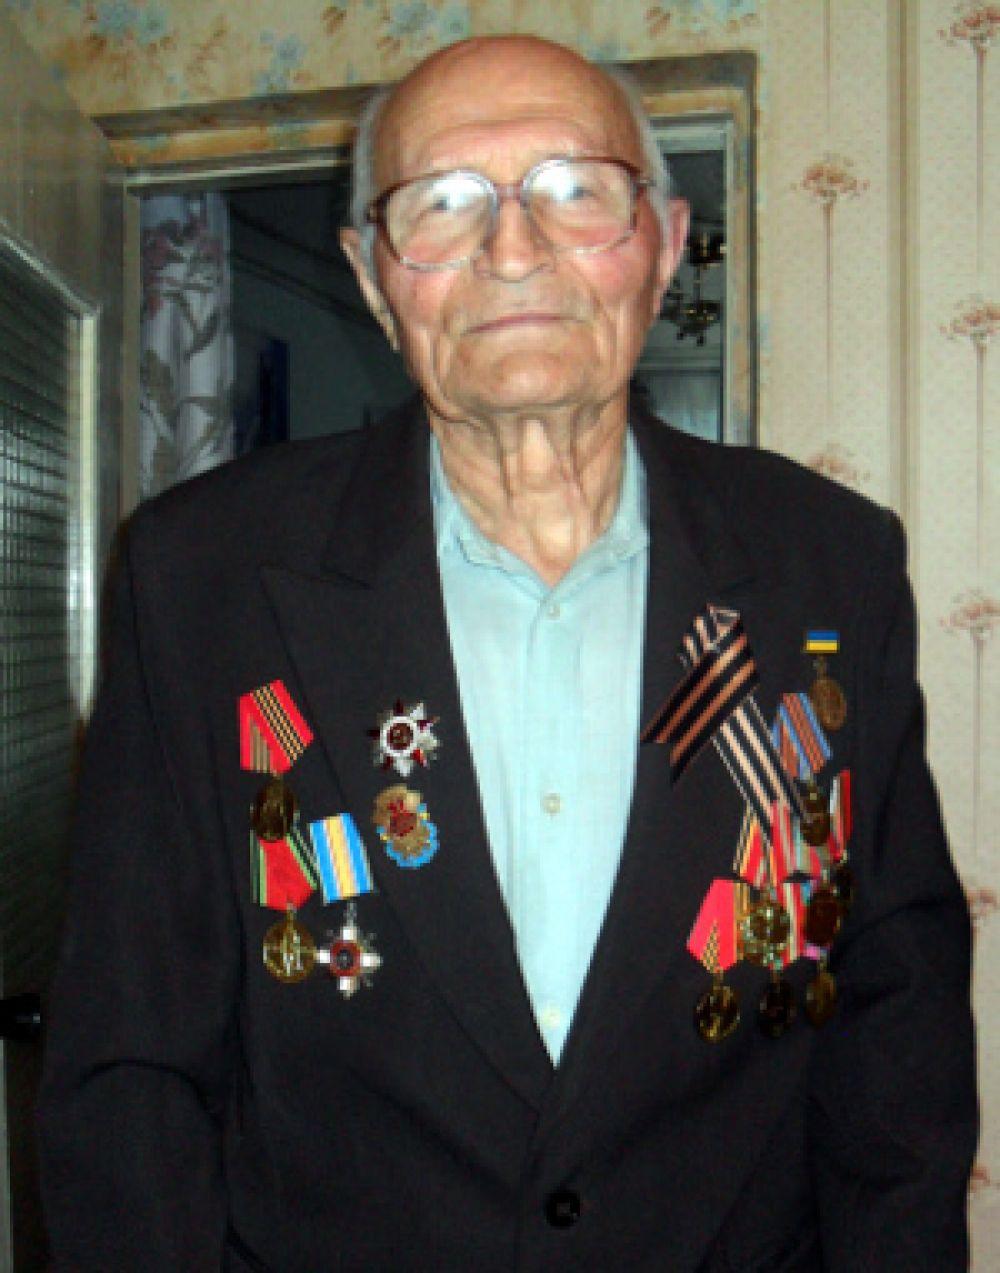 Костин Михаил Кириллович держал оборону под Воронежем в 1942 году.